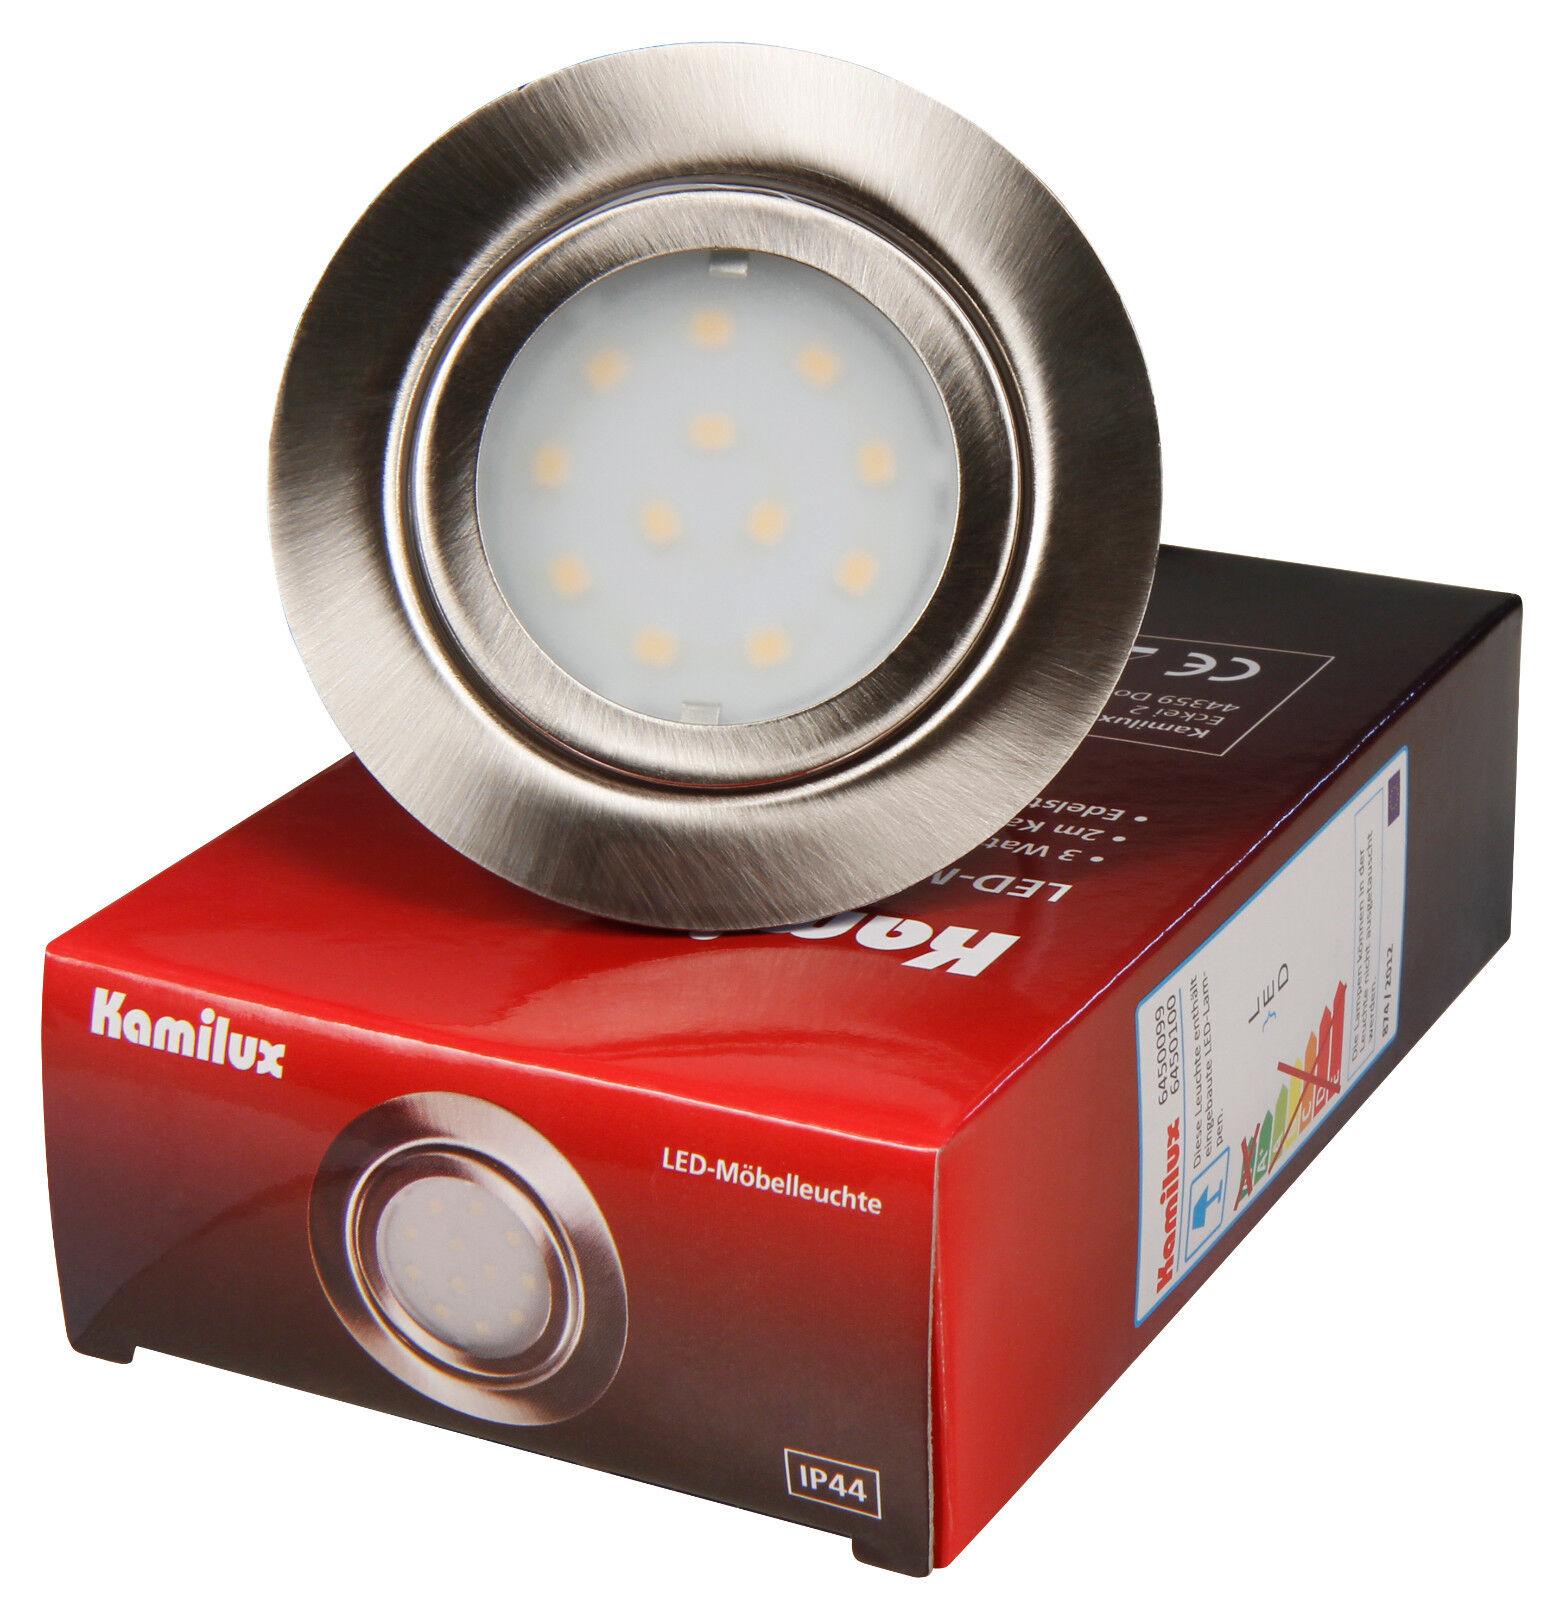 1 - 20er Möbeleinbauspot 12V LED Mobi 3W = 30W Warmweiss ohne Trafo